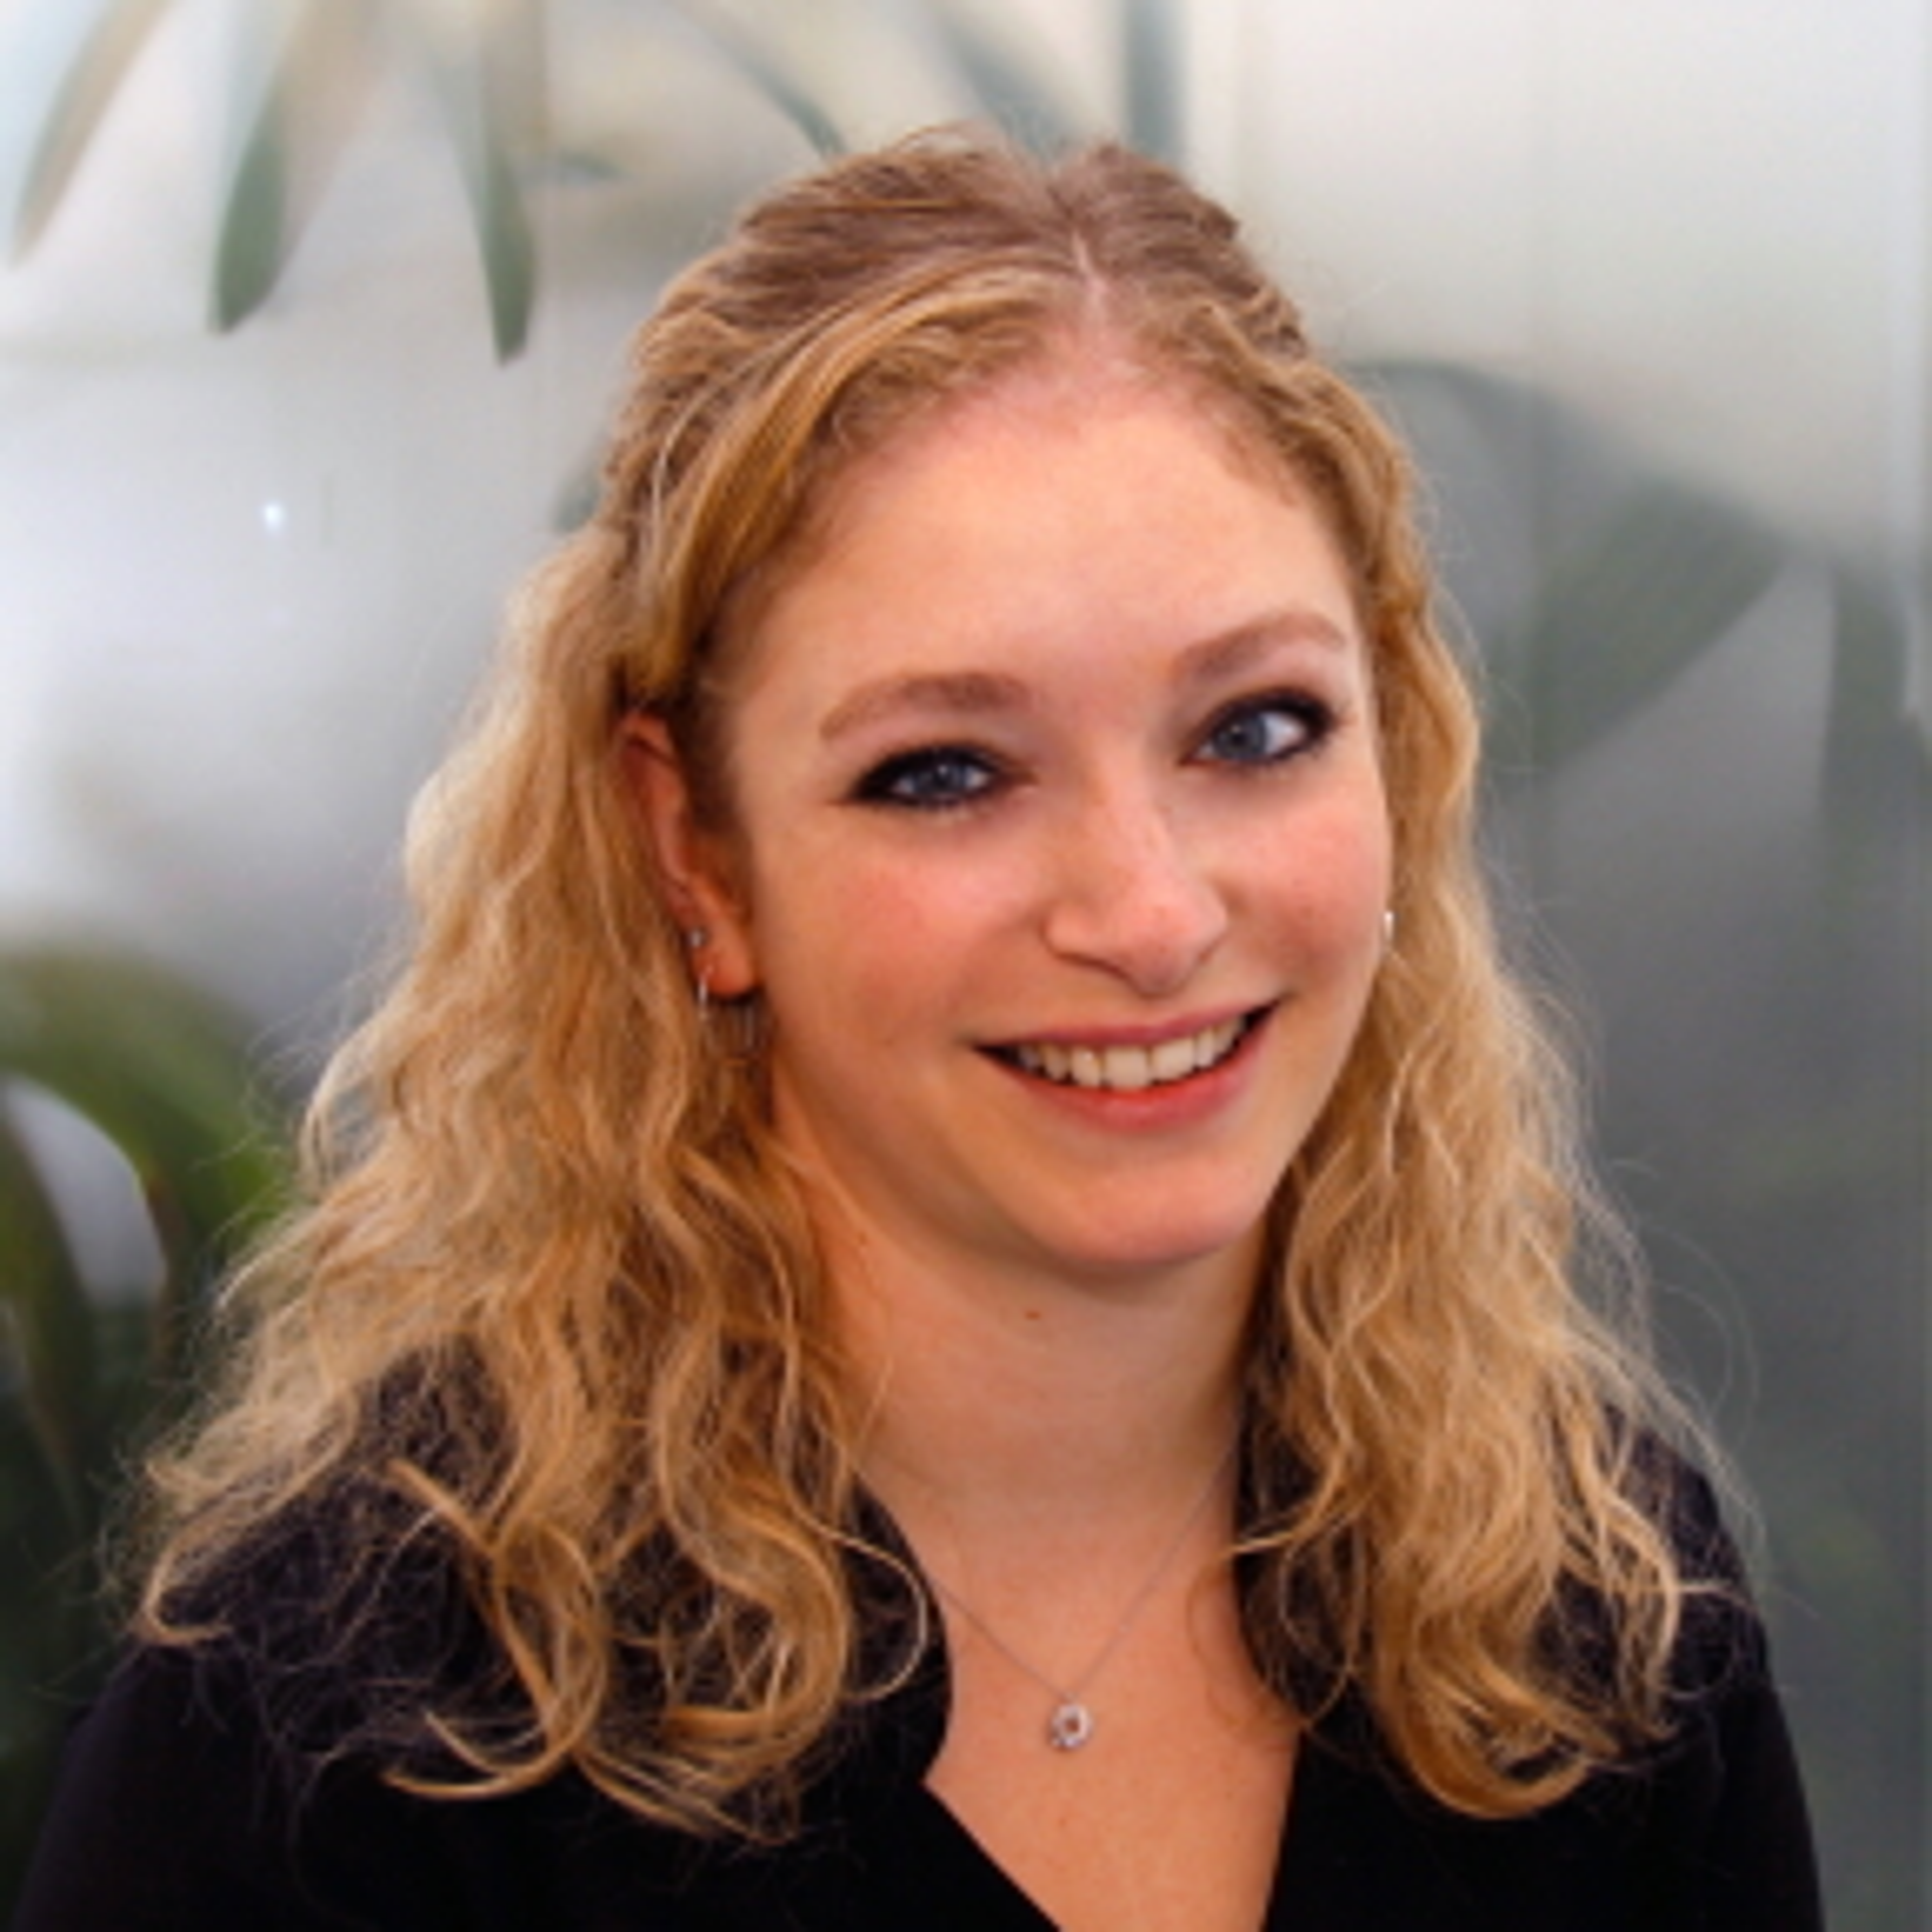 Nicole Willen